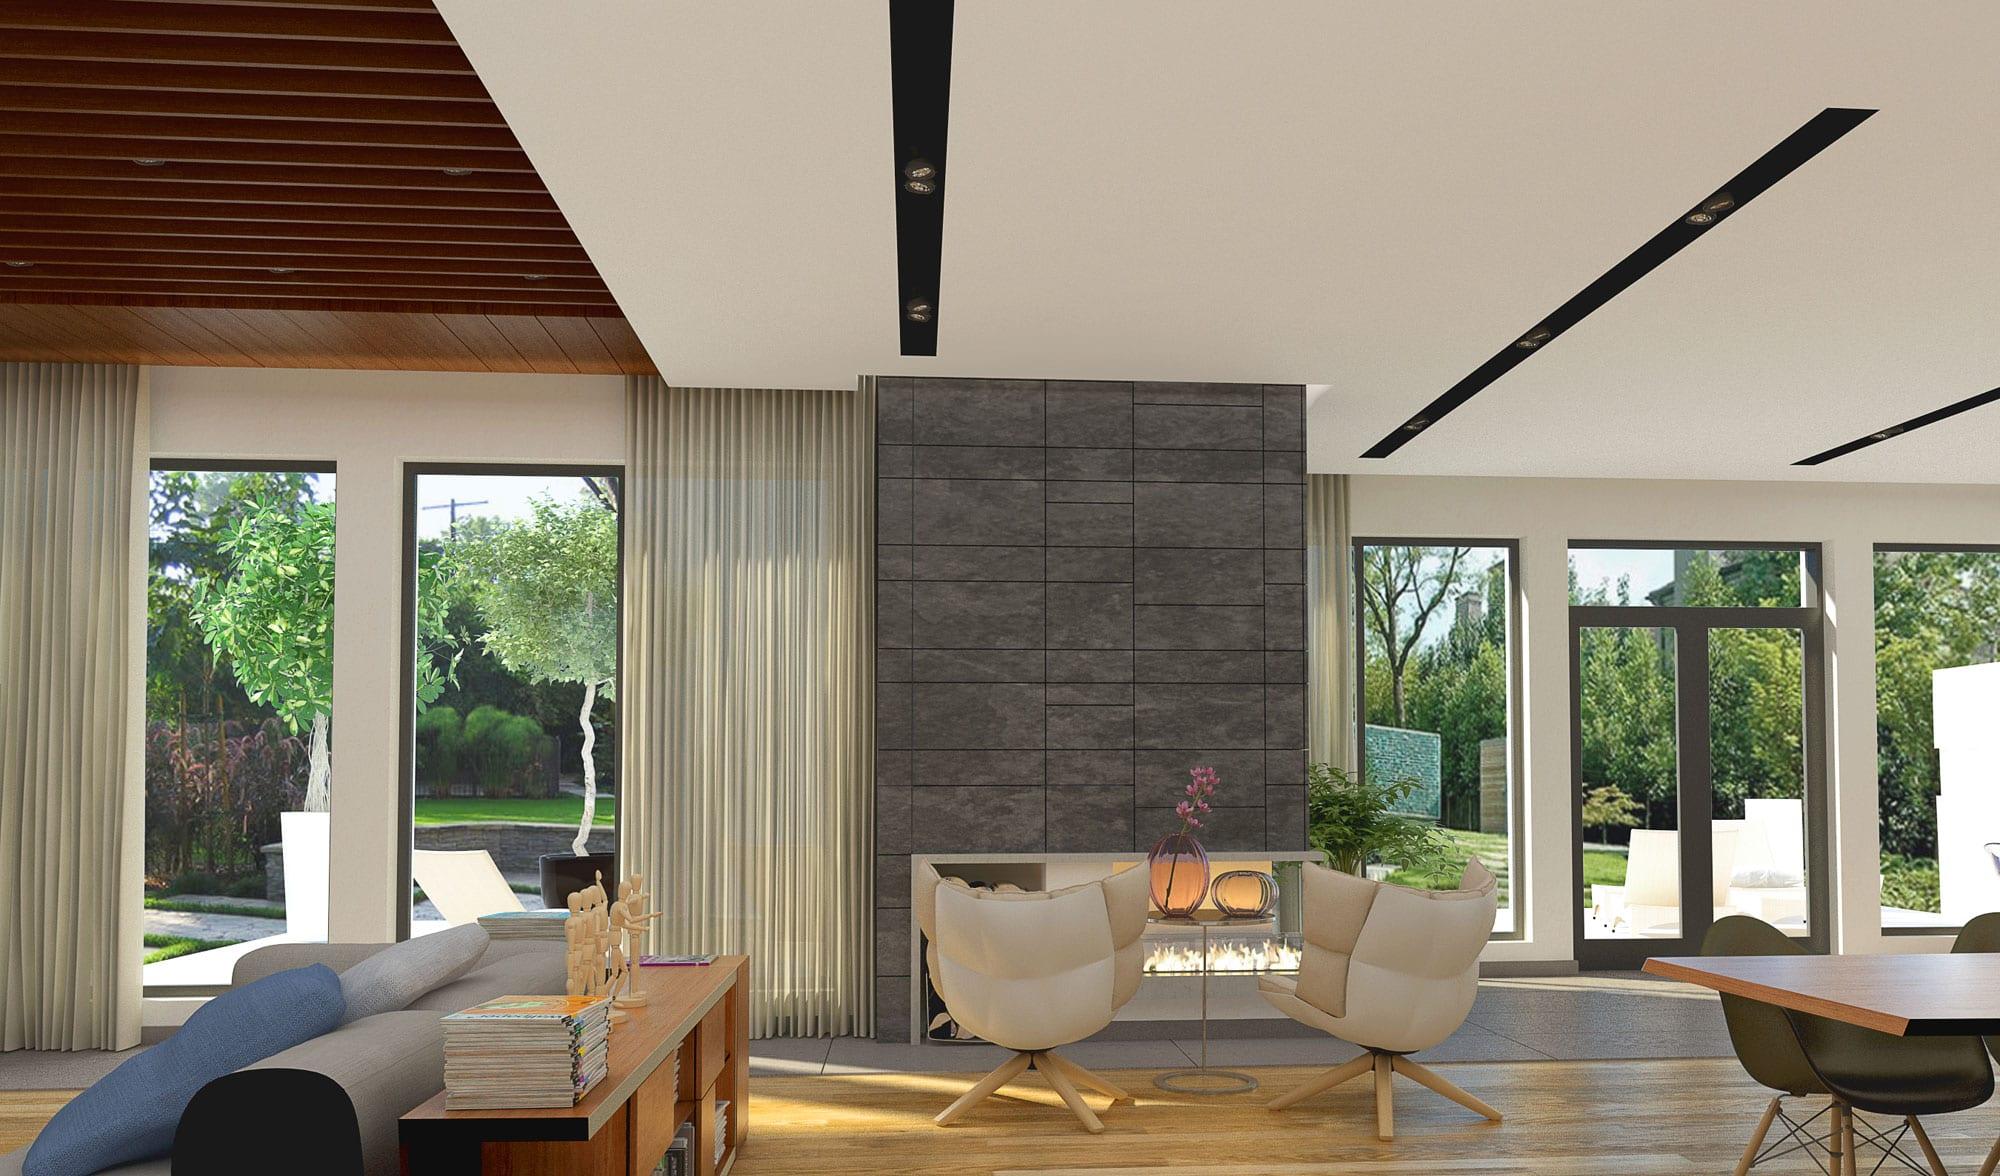 Private House Interior Design